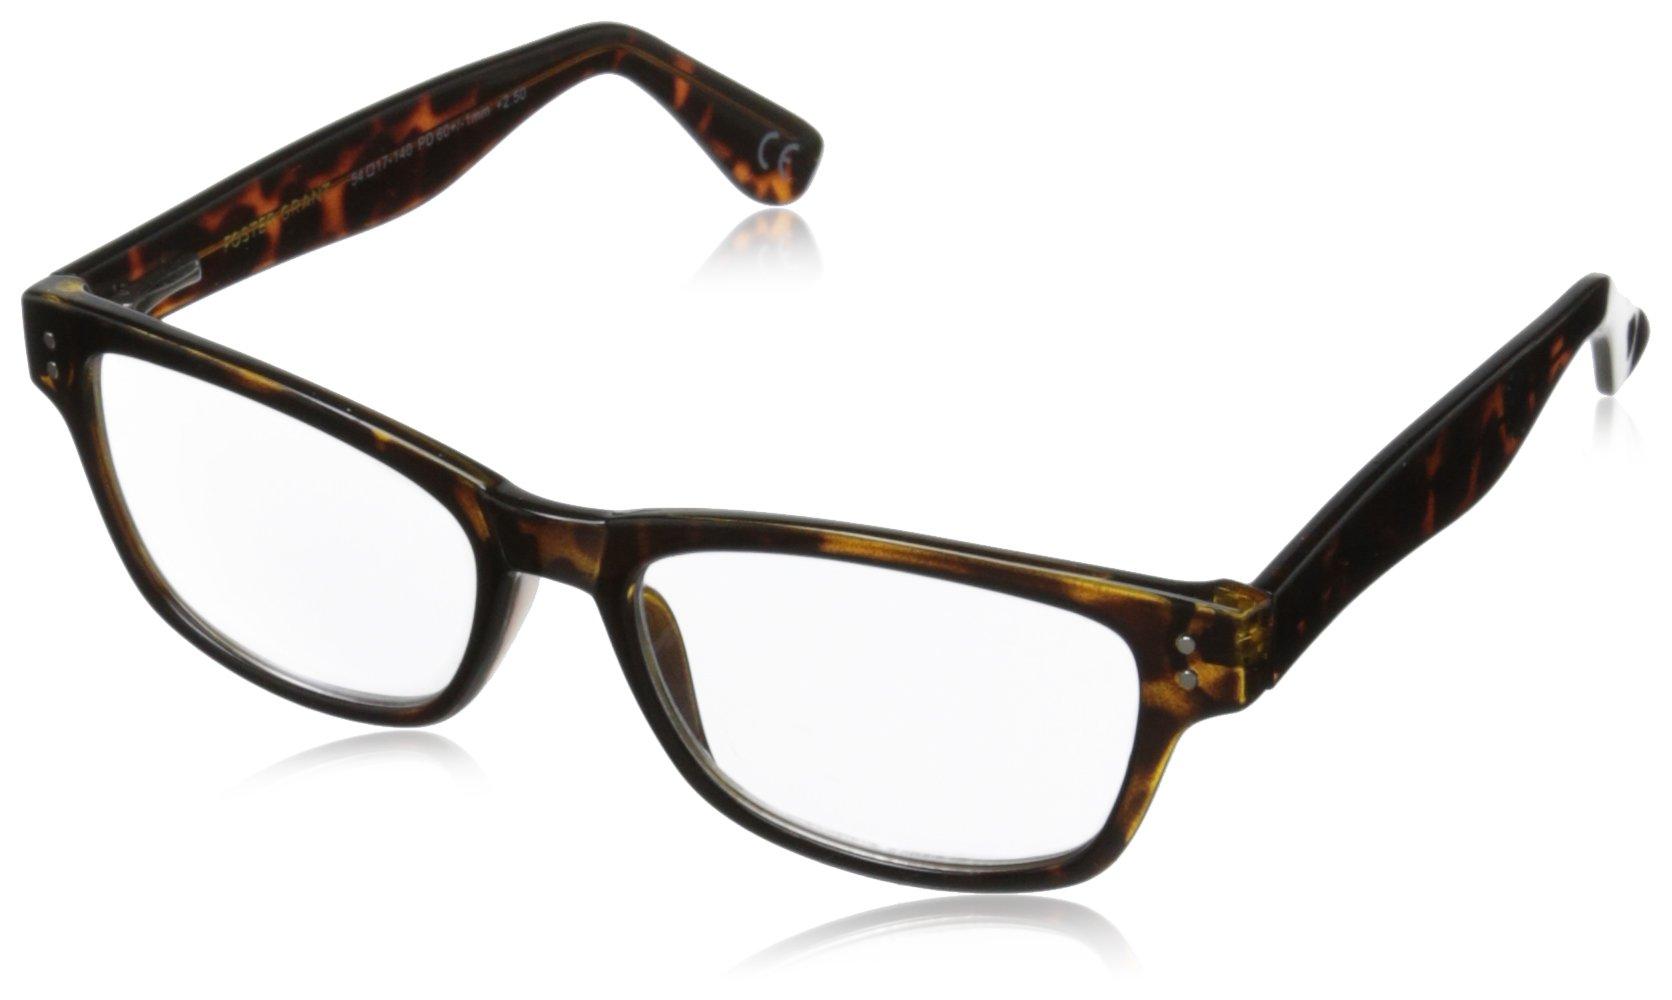 Foster Grant Conan Multifocus Glasses, Tortoise, 1.75